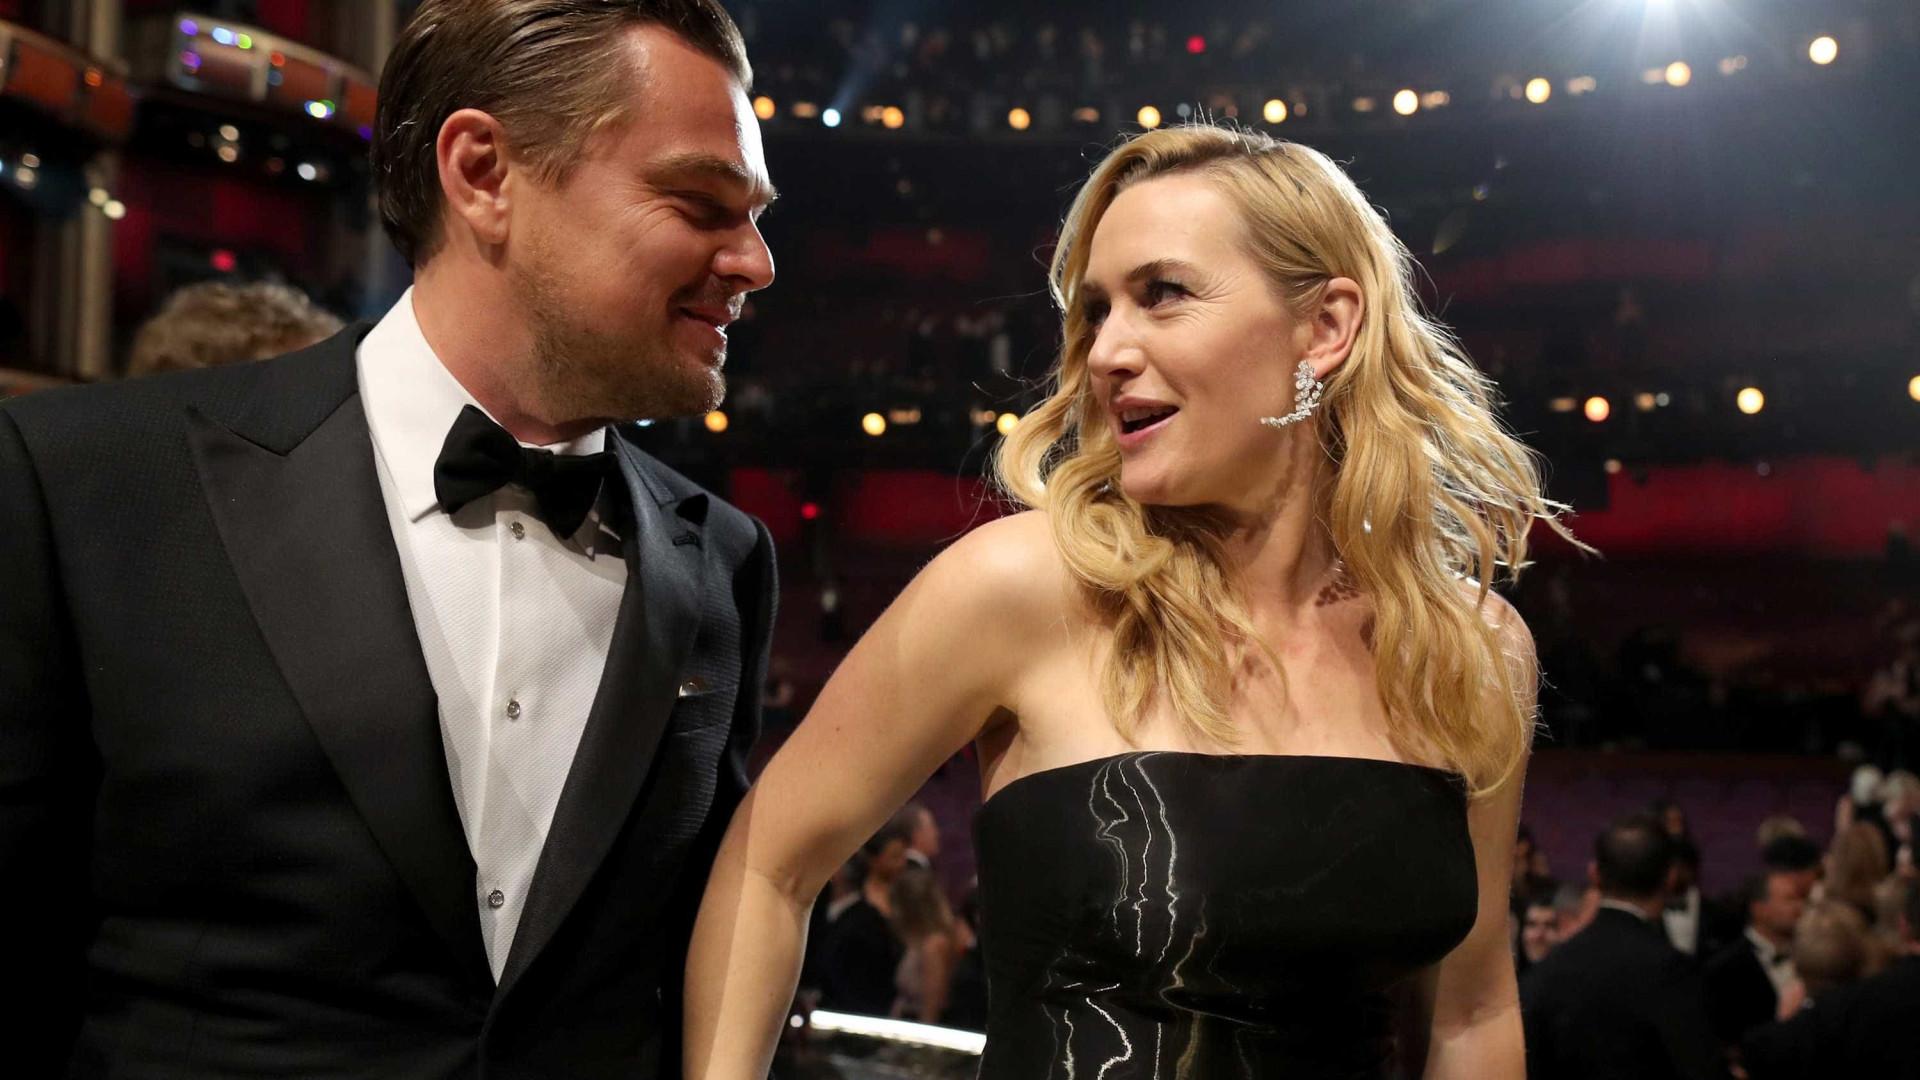 Leo DiCaprio e Kate Winslet estariam vivendo affair, afirma revista